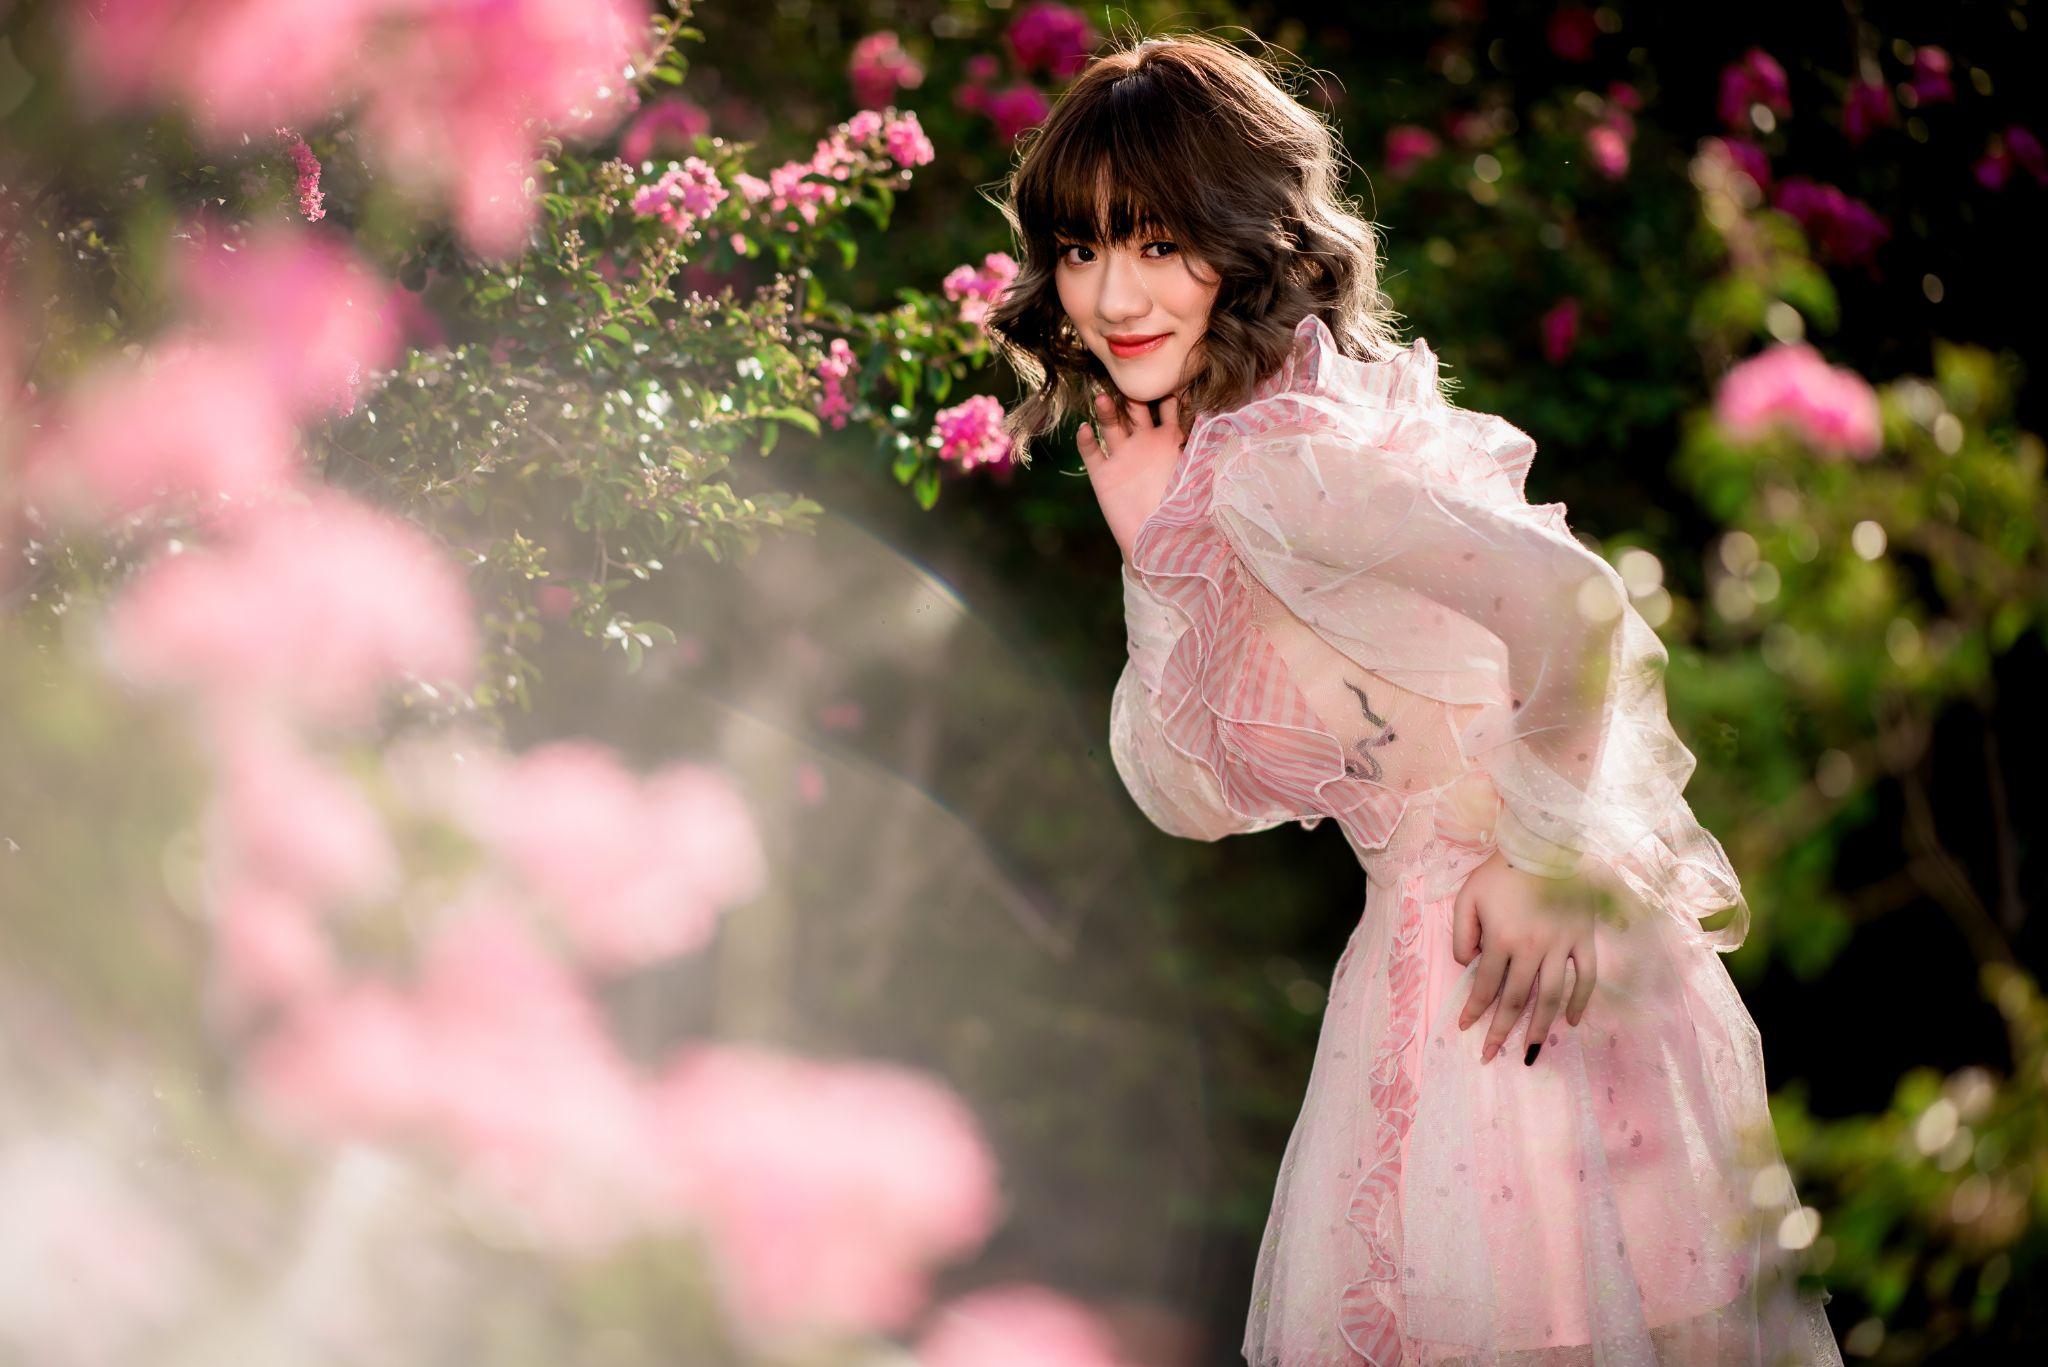 Thiếu nữ tuổi xuân thì đọ dáng bên sắc hoa tường vi - 10